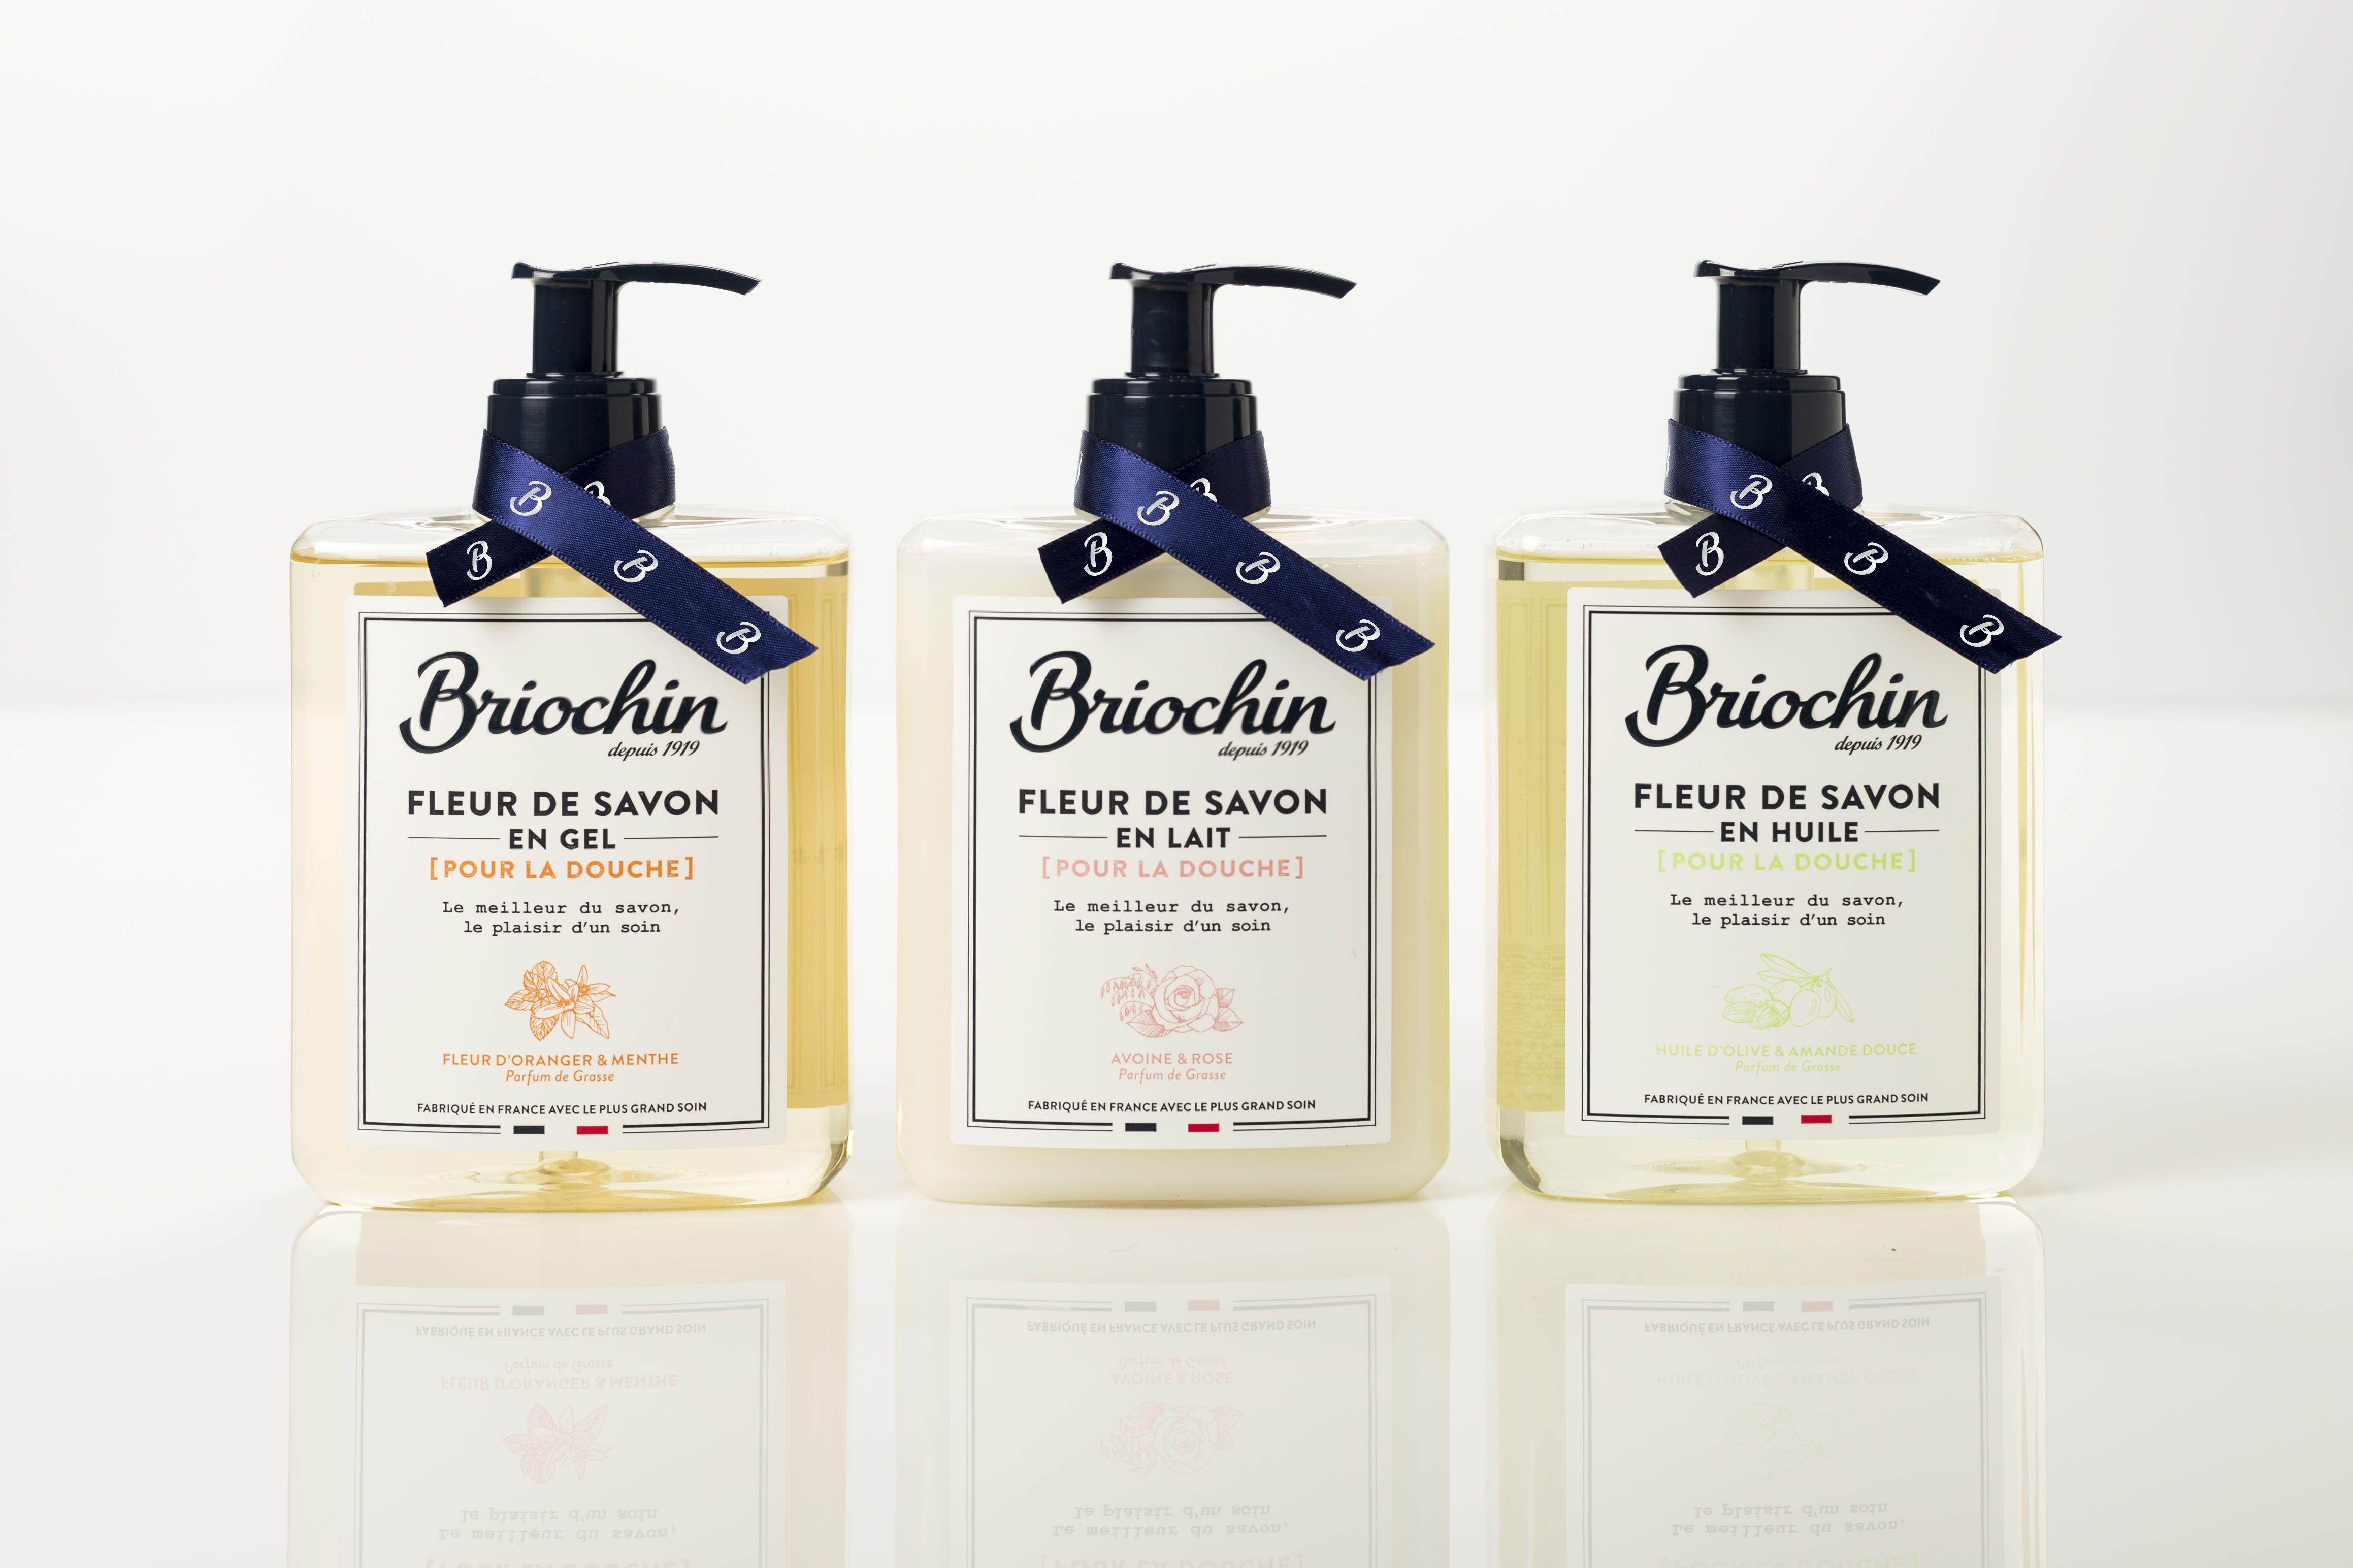 gamme fleur de savon briochin